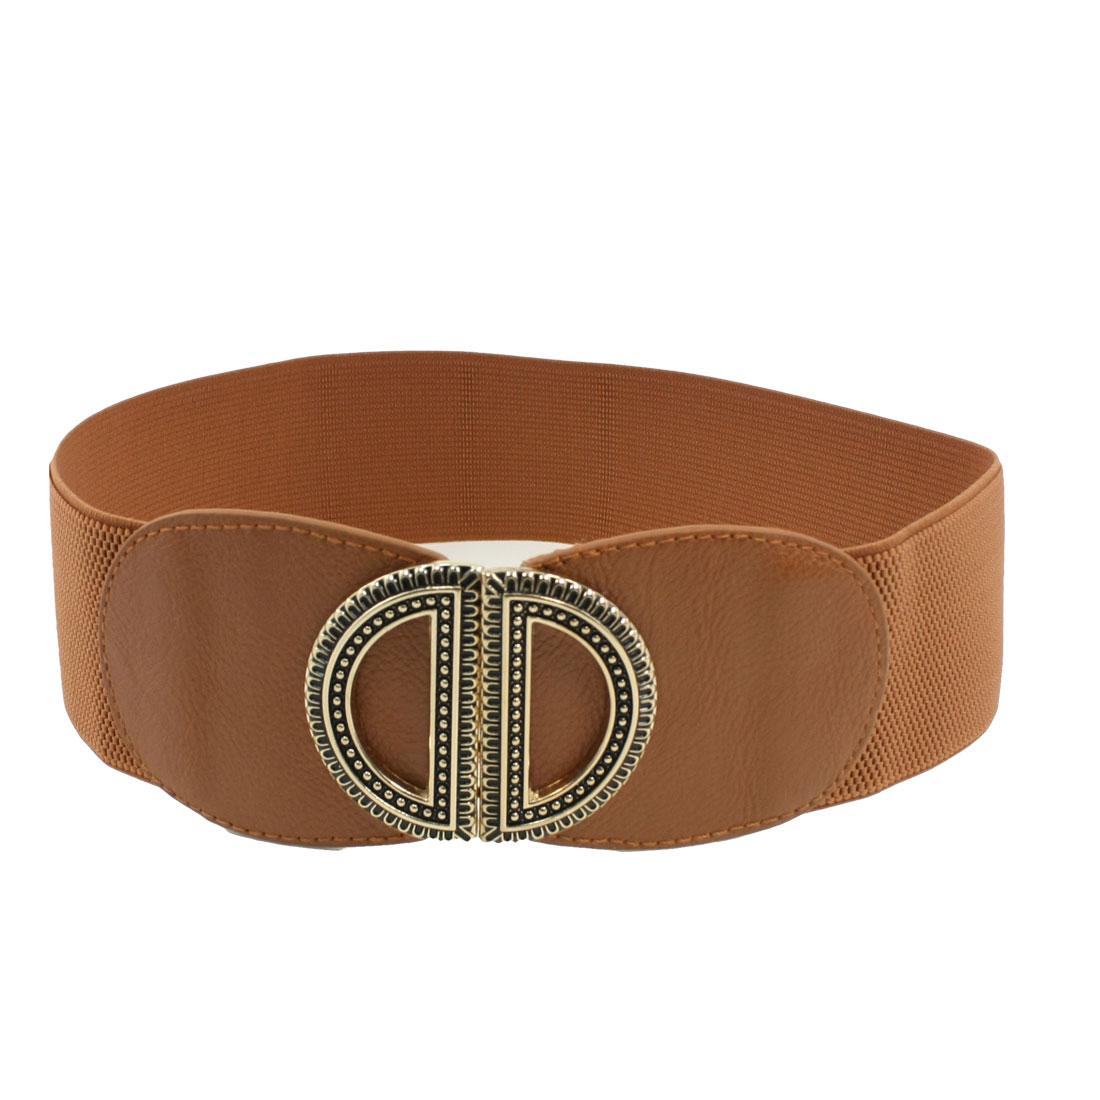 Metal Dual D Interlocking Buckle Brown Elastic Waist Belt for Ladies